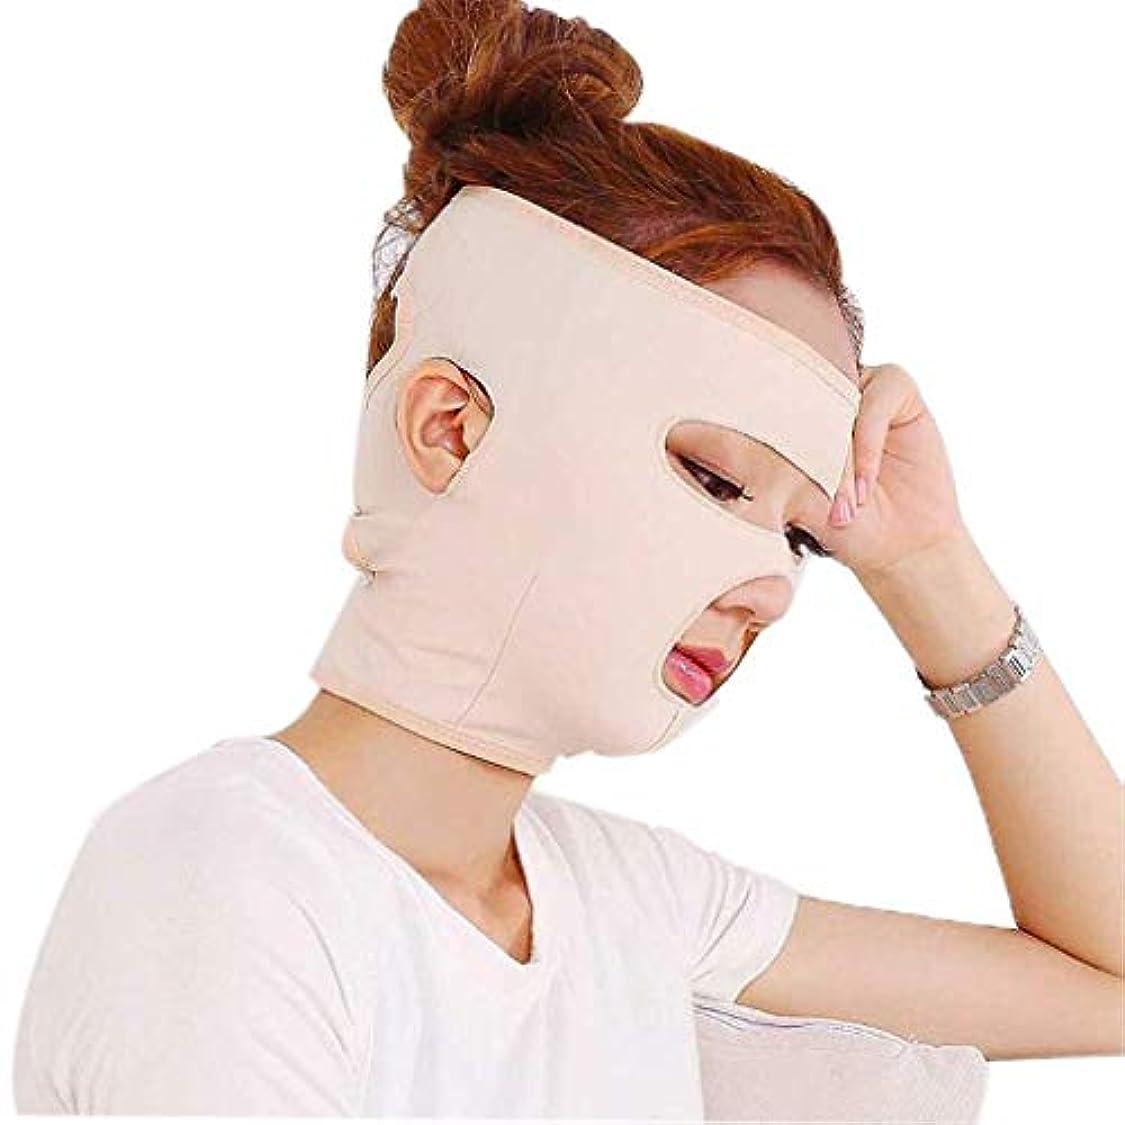 メジャー腐敗した外側フェイスリフティングマスク、フルフェイス通気性の術後回復包帯リフティング引き締め肌の減少は、小さなVフェイスマスクを作成します(サイズ:M)